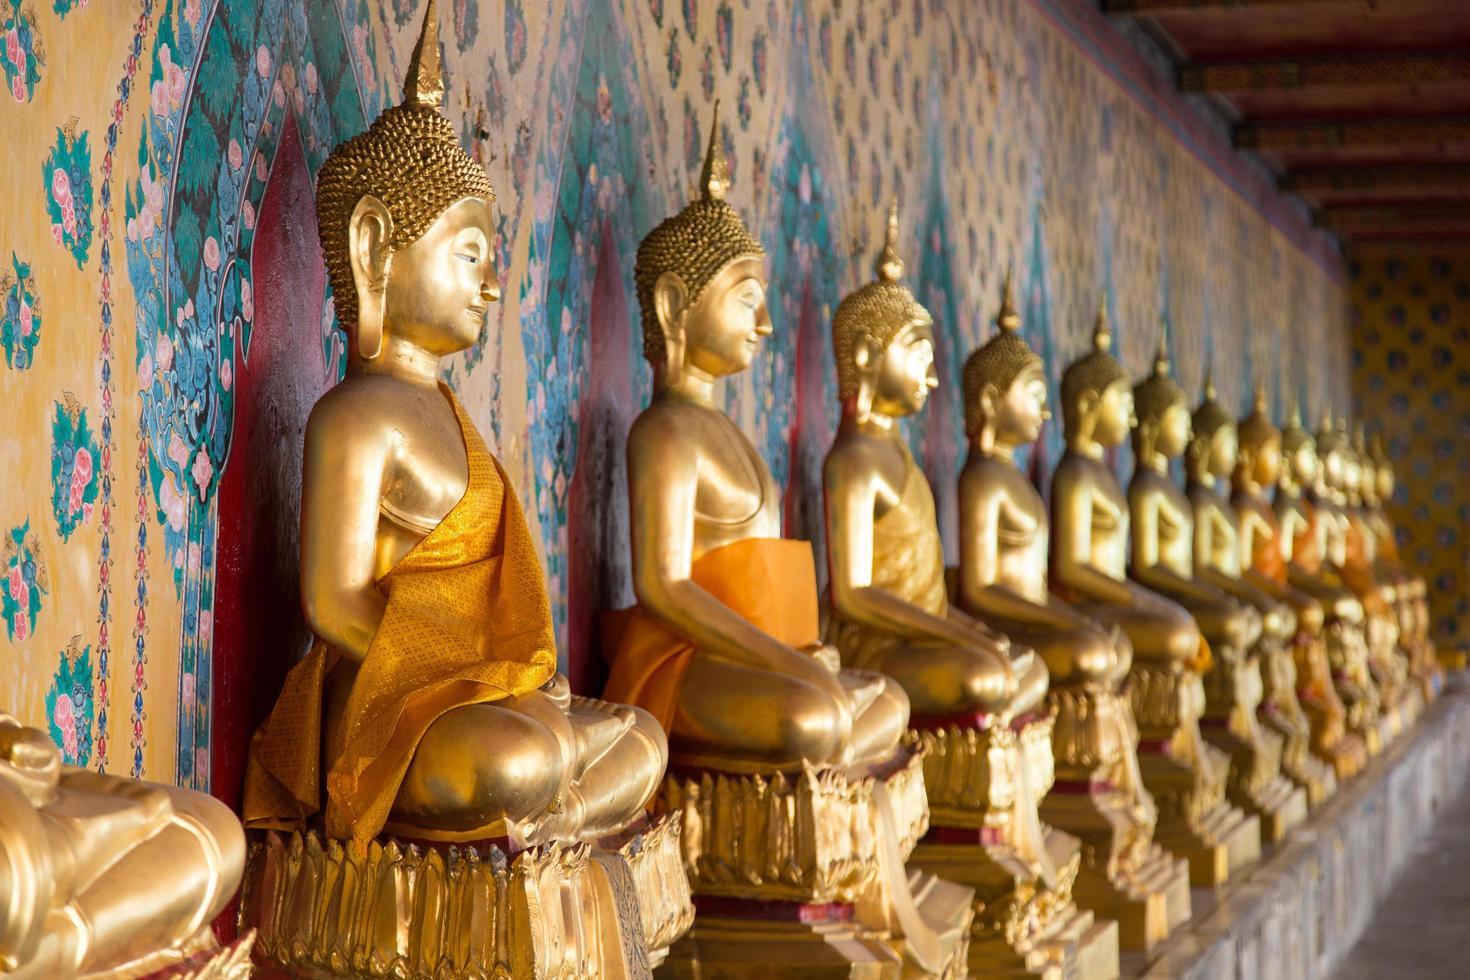 Estatuas de Buda en un templo en Bangkok. foto